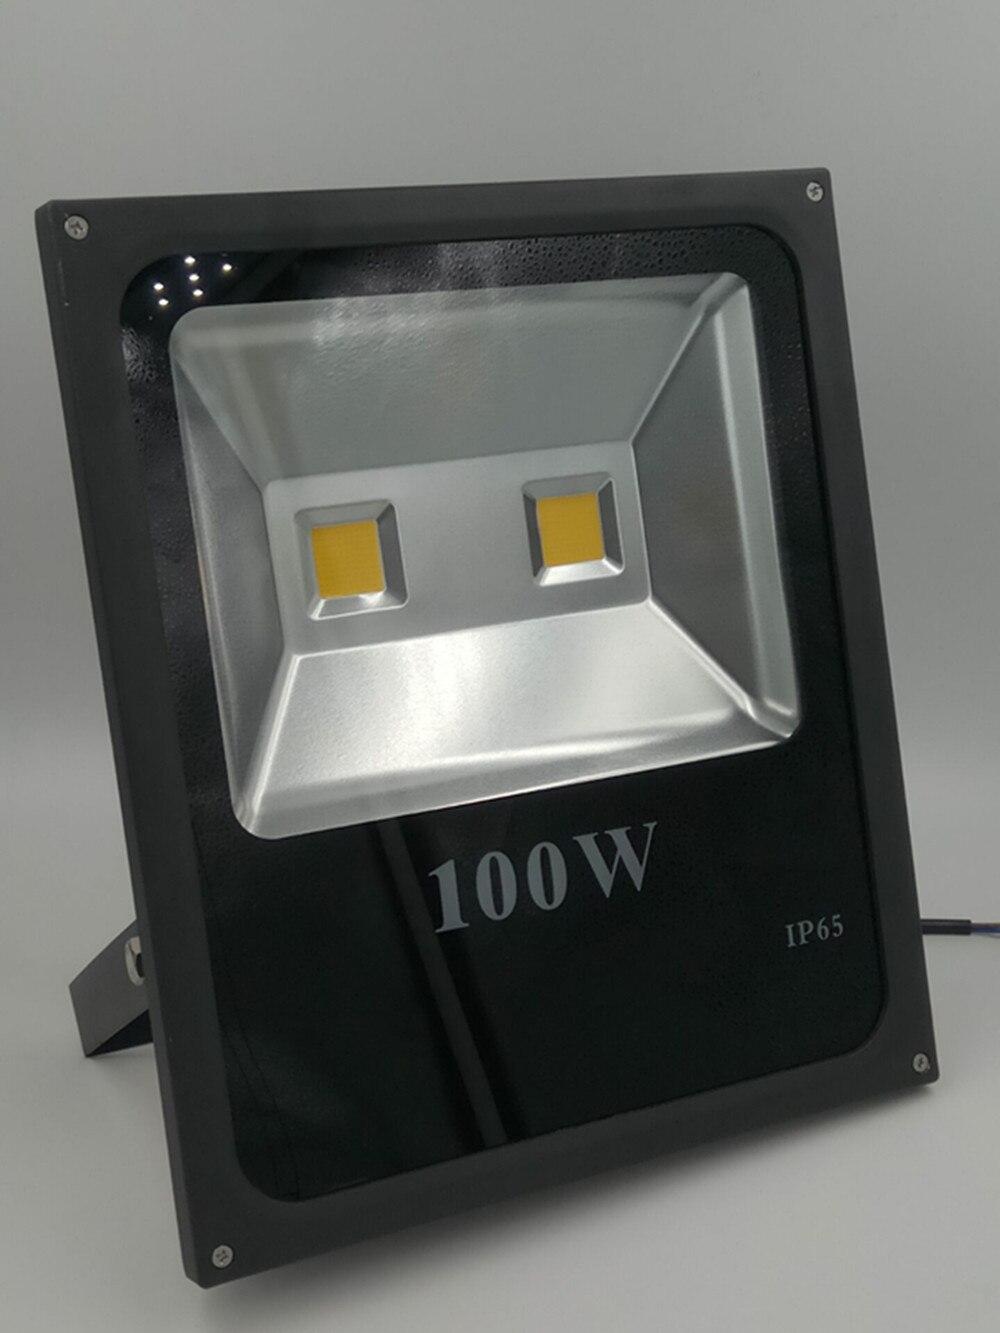 Super Bright 100w Led Floodlight Spotlight Outdoor Lighting Spot Flood Light Lamp Reflector Foco Exterior Projecteur